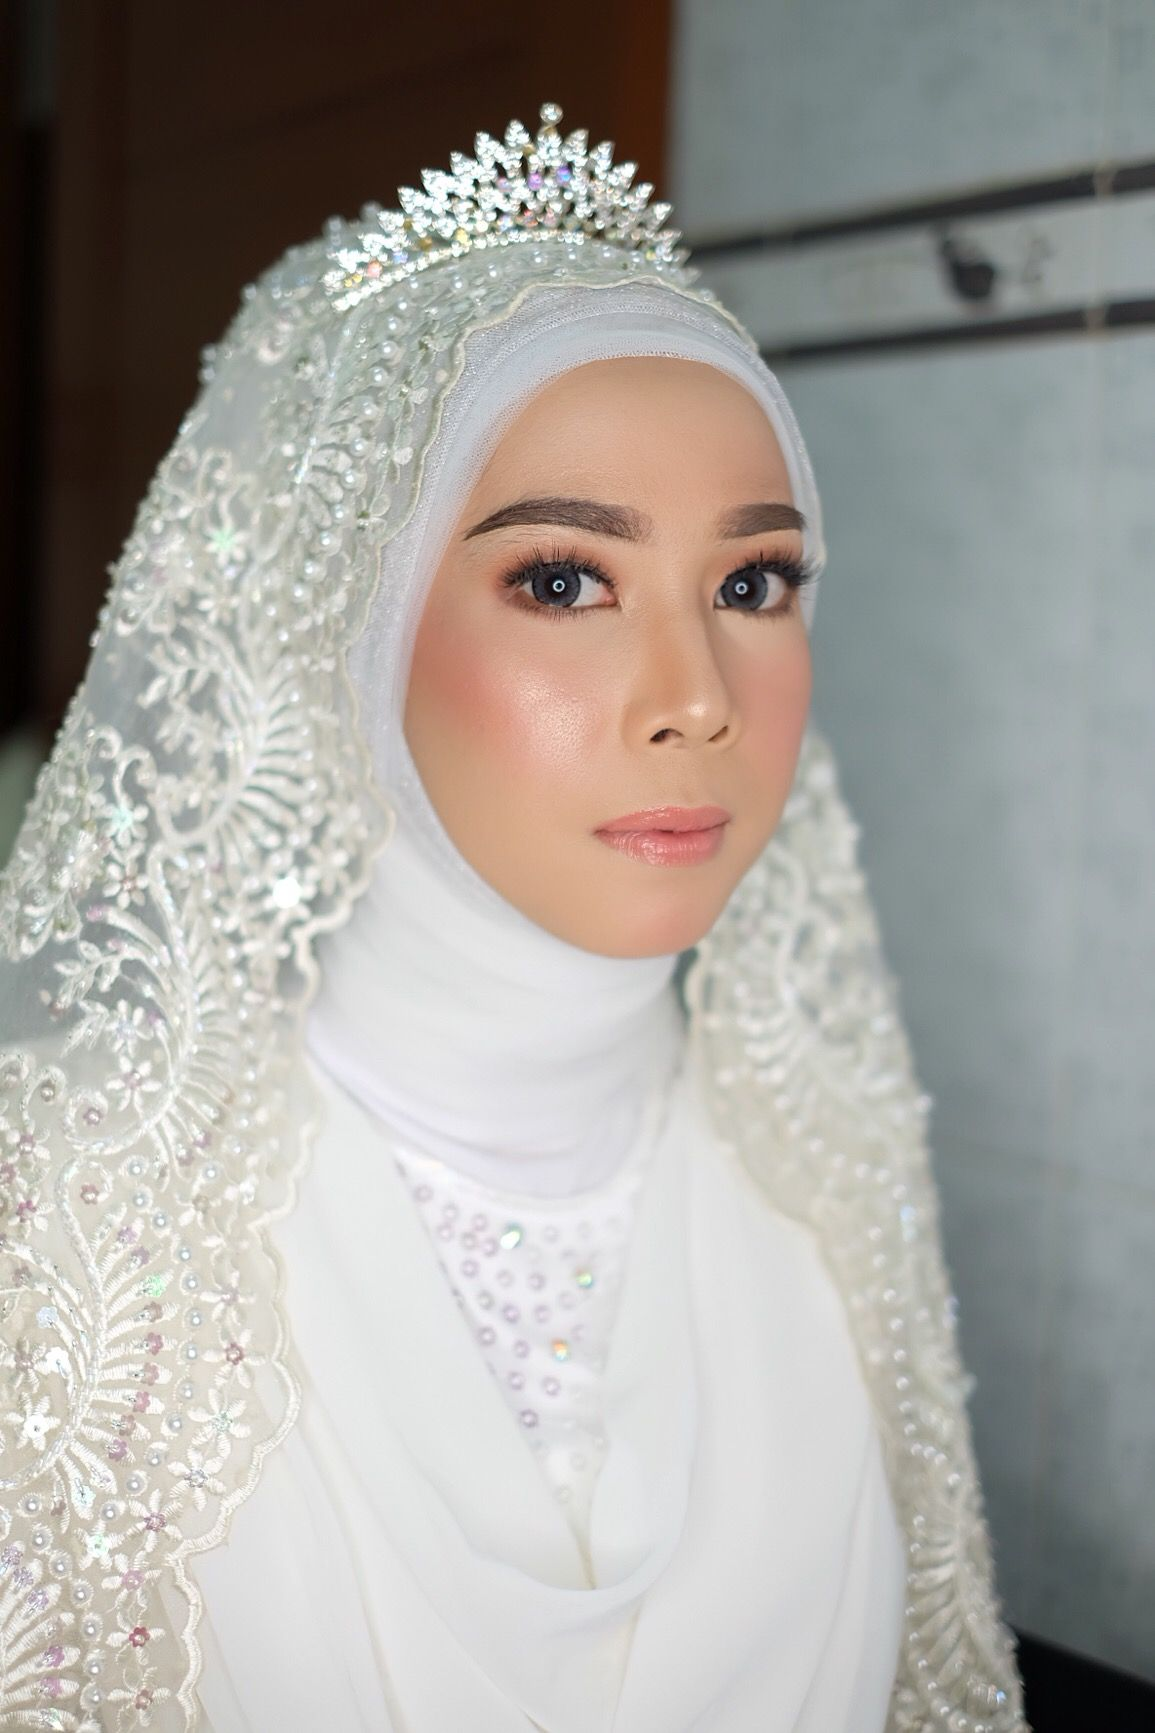 muajkt makeupinspiration makeup dewymakeup